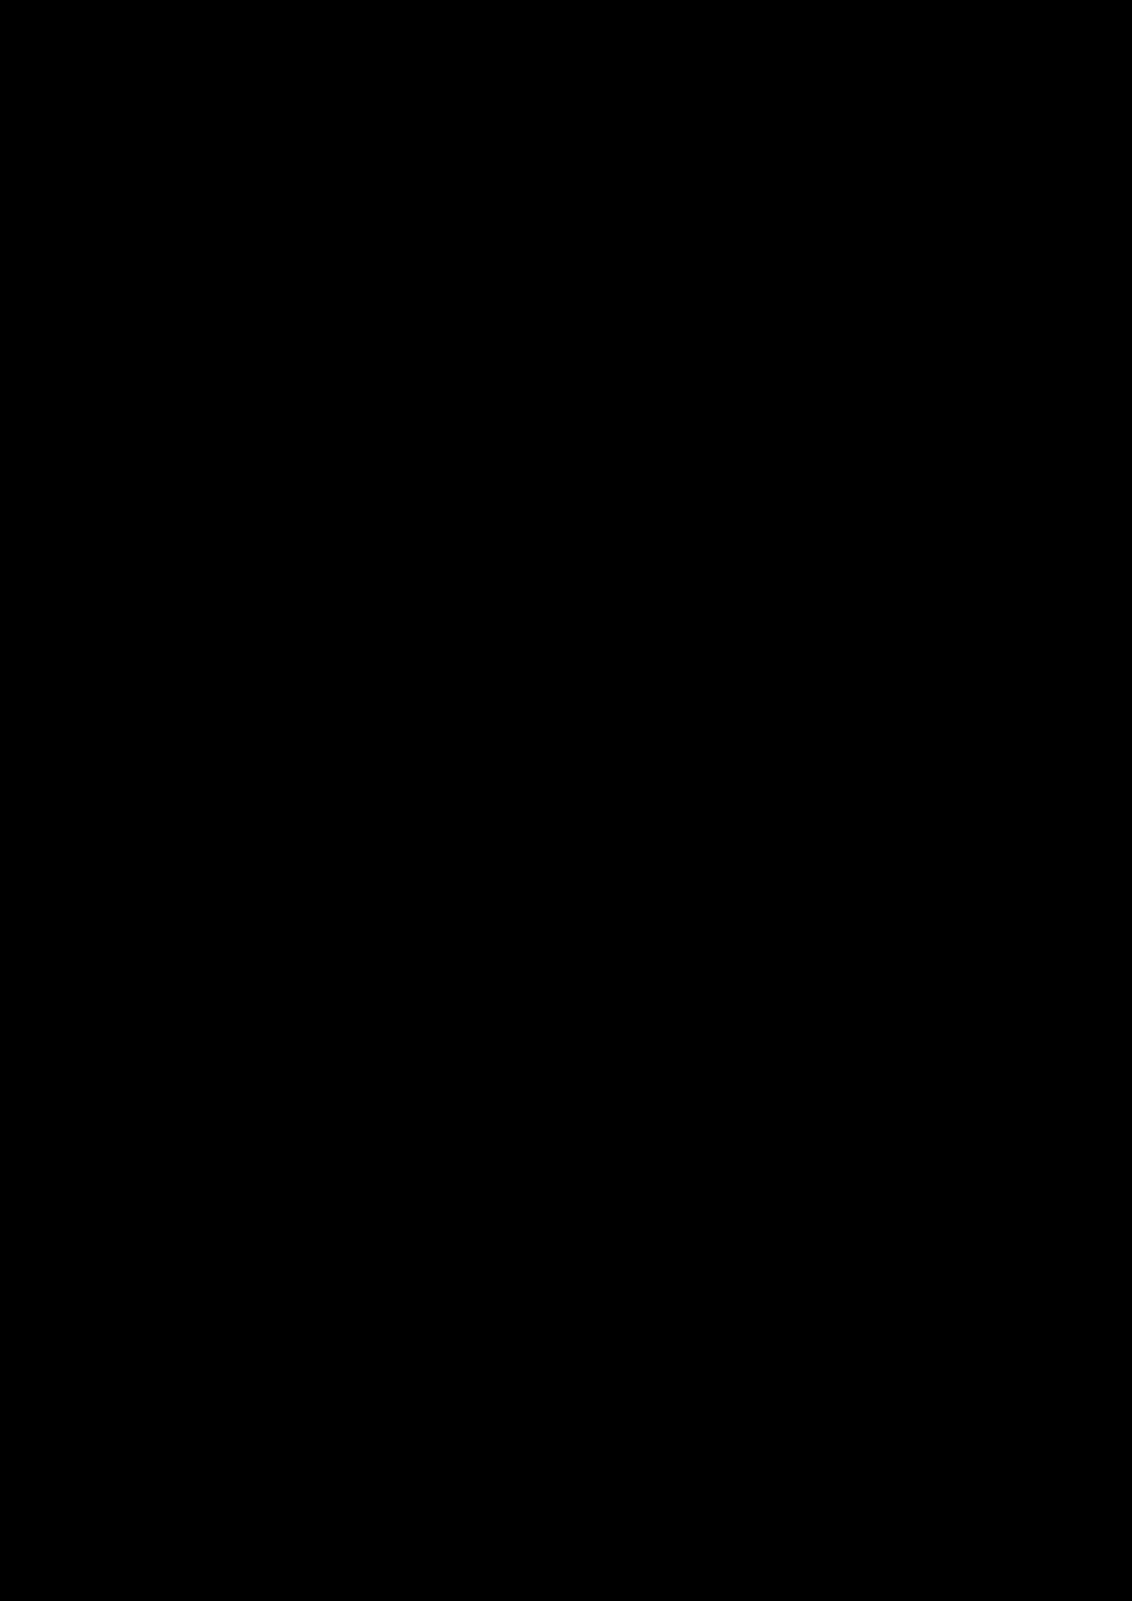 Hools slide, Image 17